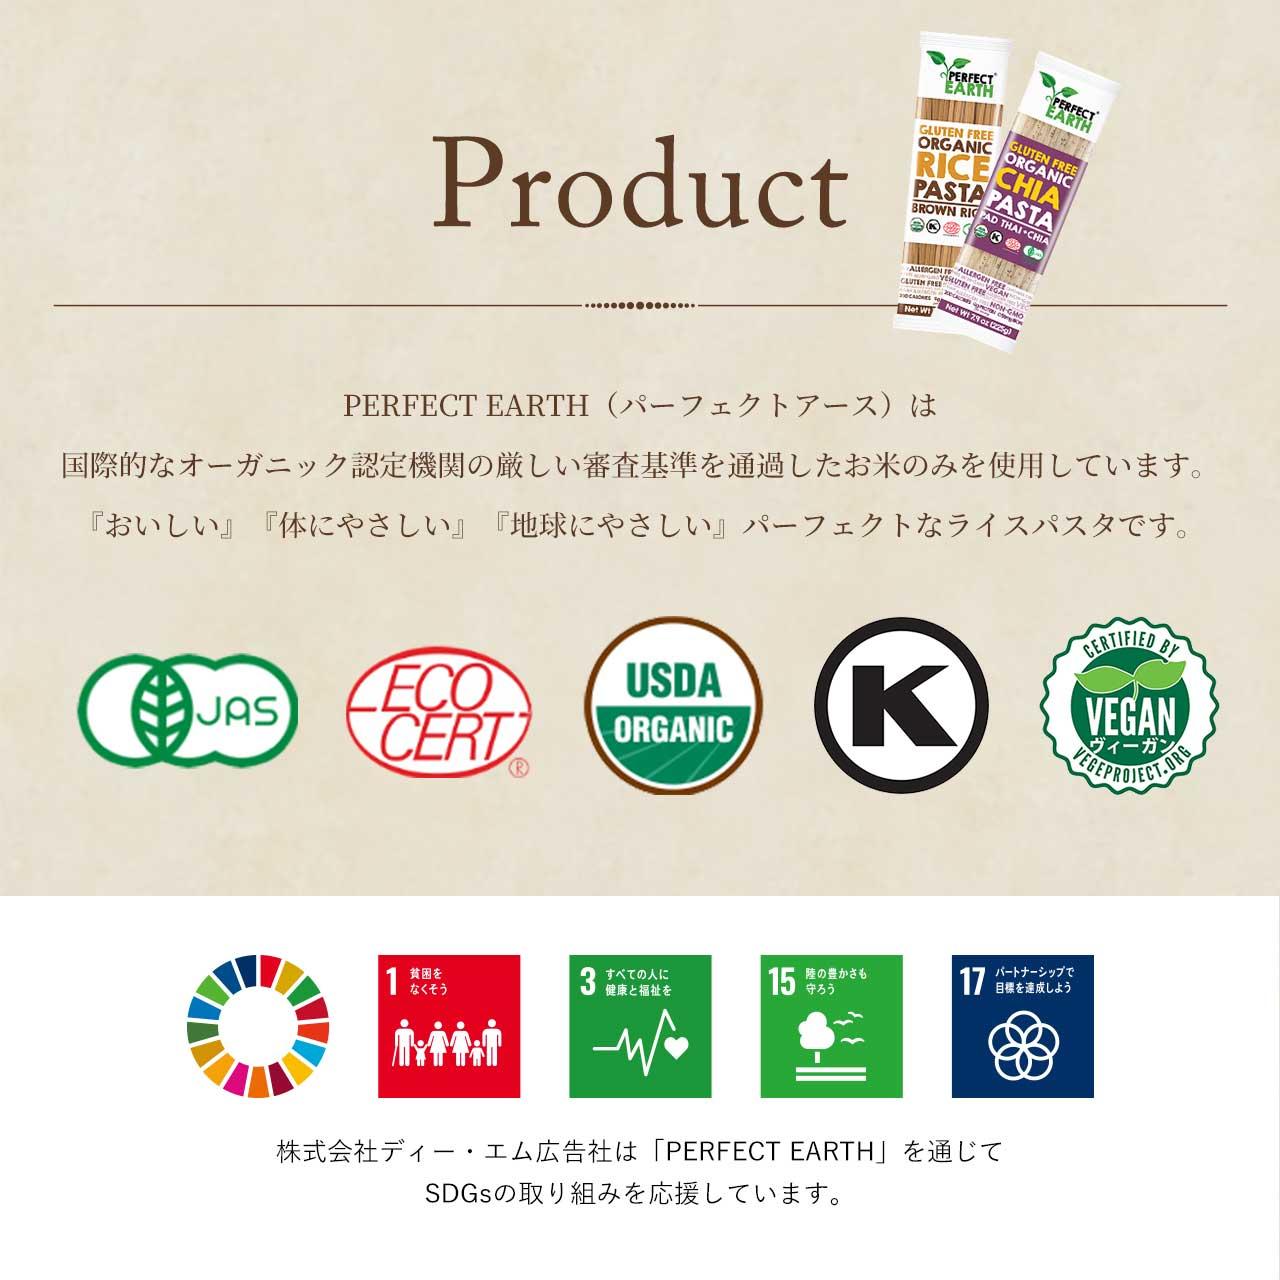 【2袋セット】オーガニックグルテンフリーチアパスタ赤米・黒米